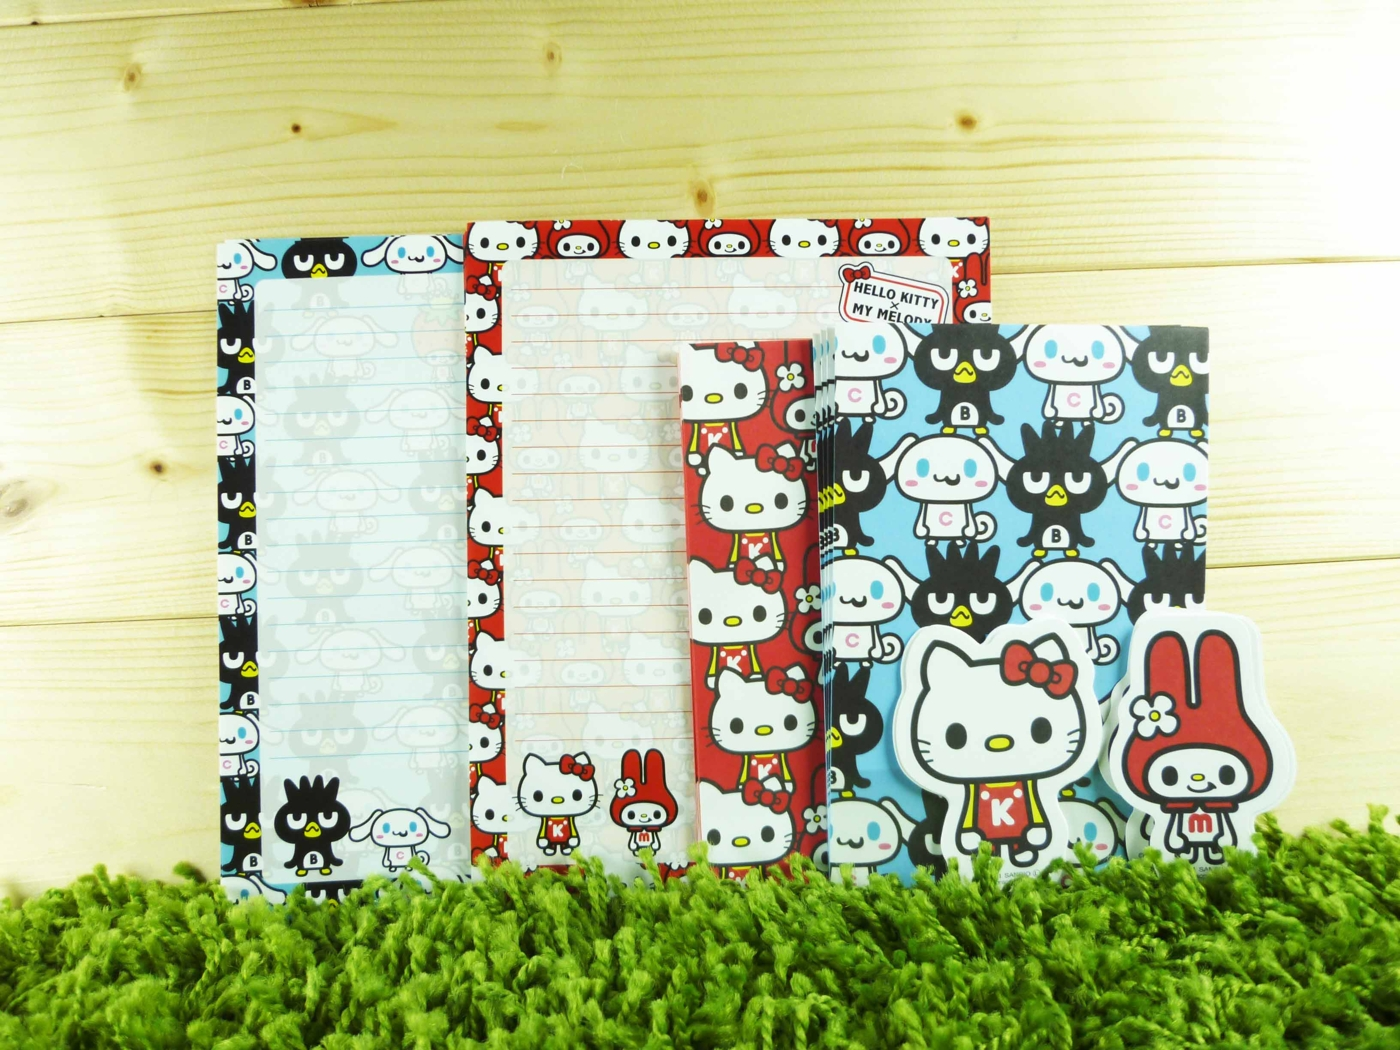 【震撼精品百貨】Hello Kitty 凱蒂貓~信籤組~美樂蒂 KITTY&酷企鵝 大耳狗圖案【共1款】